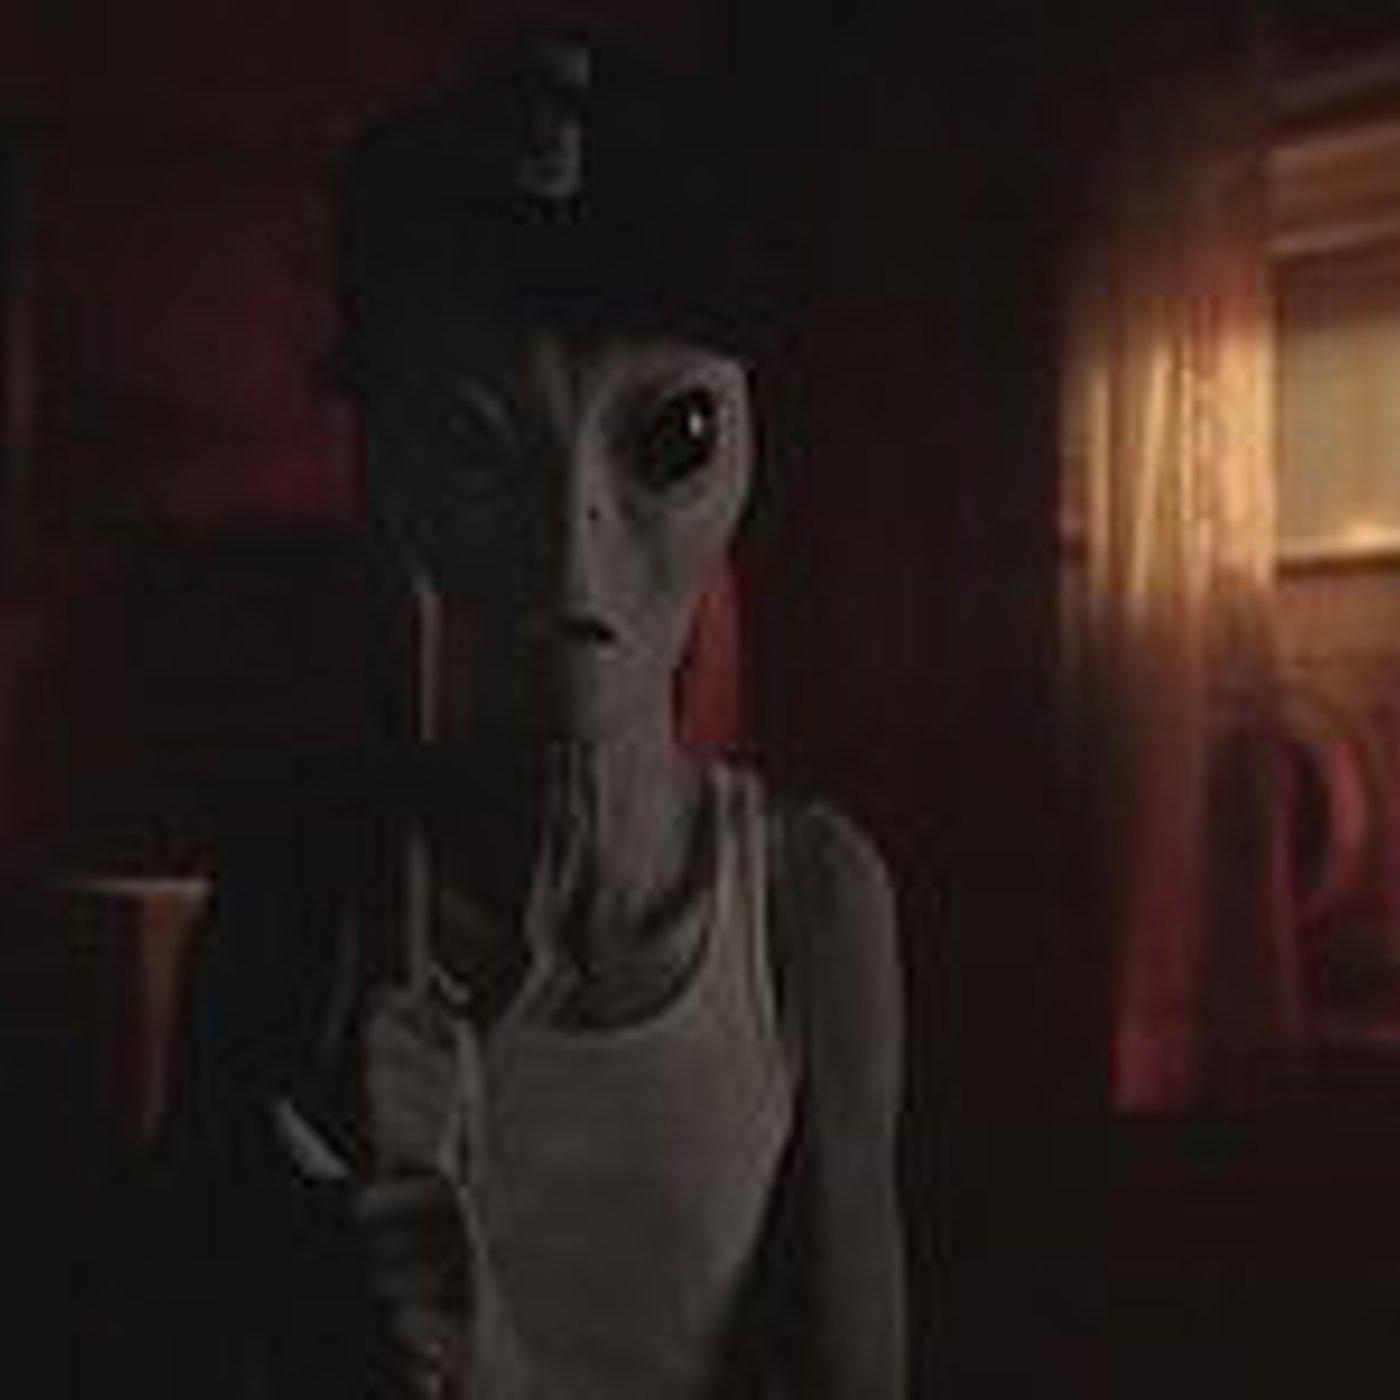 Contacto alienígena:Expediente maraña de secretos • Expediente faros apagados • Expediente tormenta del desierto